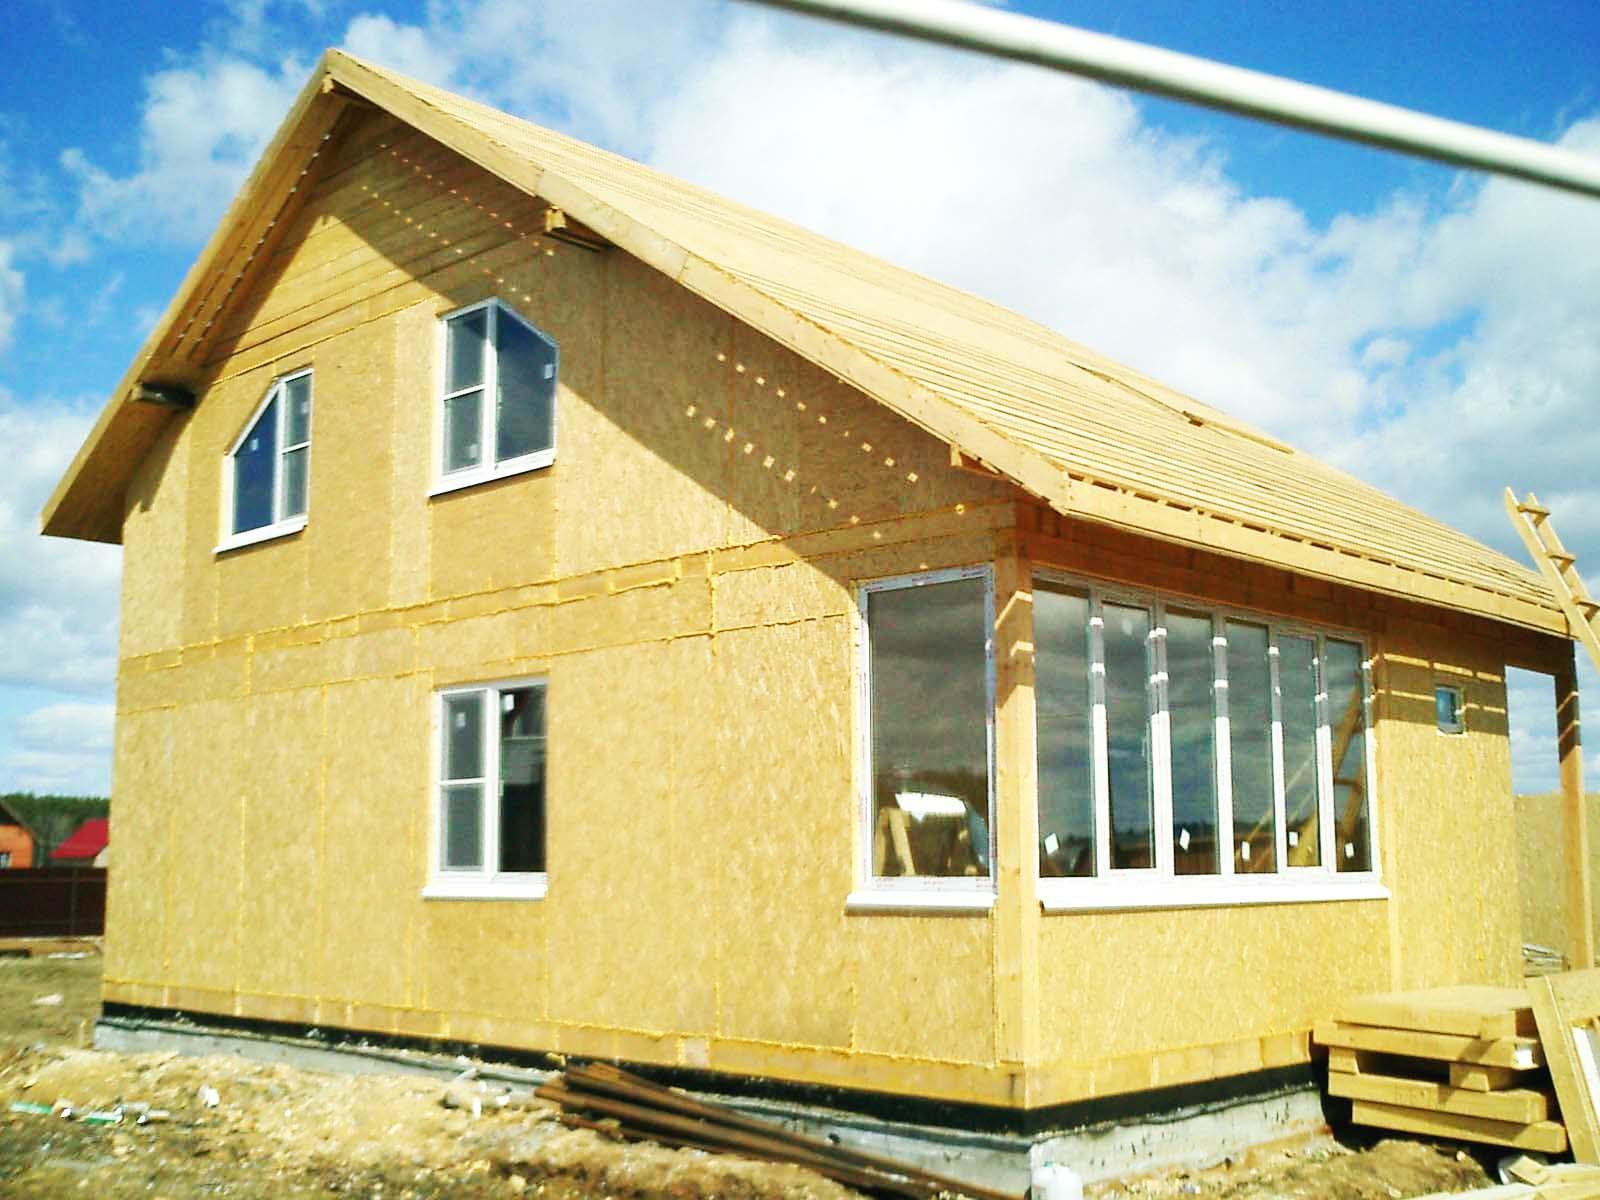 Практичне рішення: опалення приватного будинку із СІП-панелей повітряним тепловим насосом